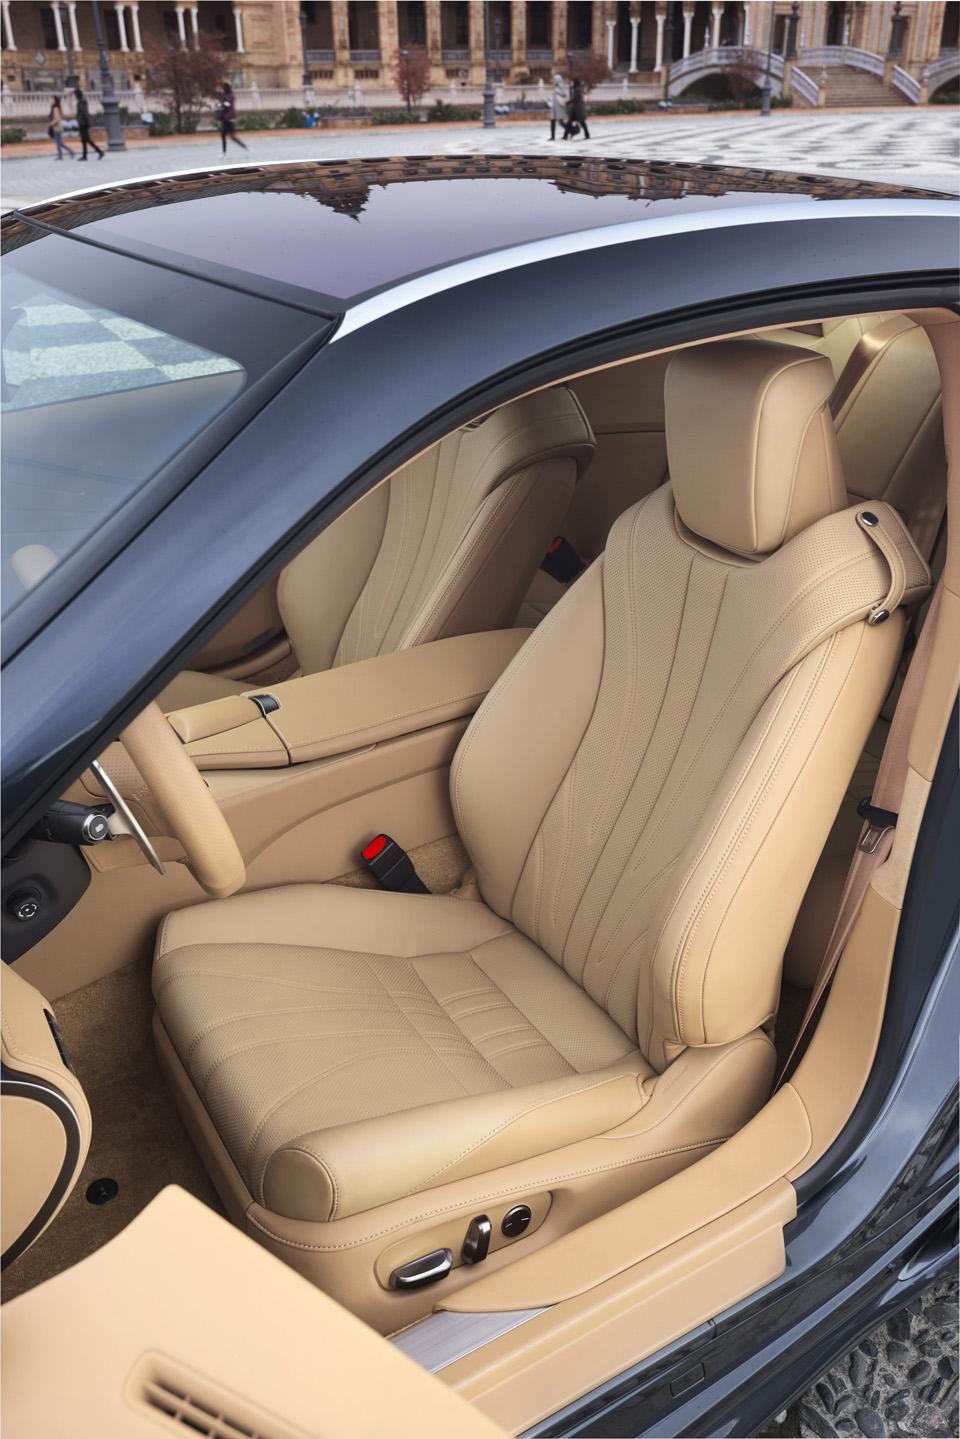 レクサス新型「LC」の詳細が判明! エンジン、ボディサイズ、注目の新技術は? - 1213_lexus-lc500-overview_15